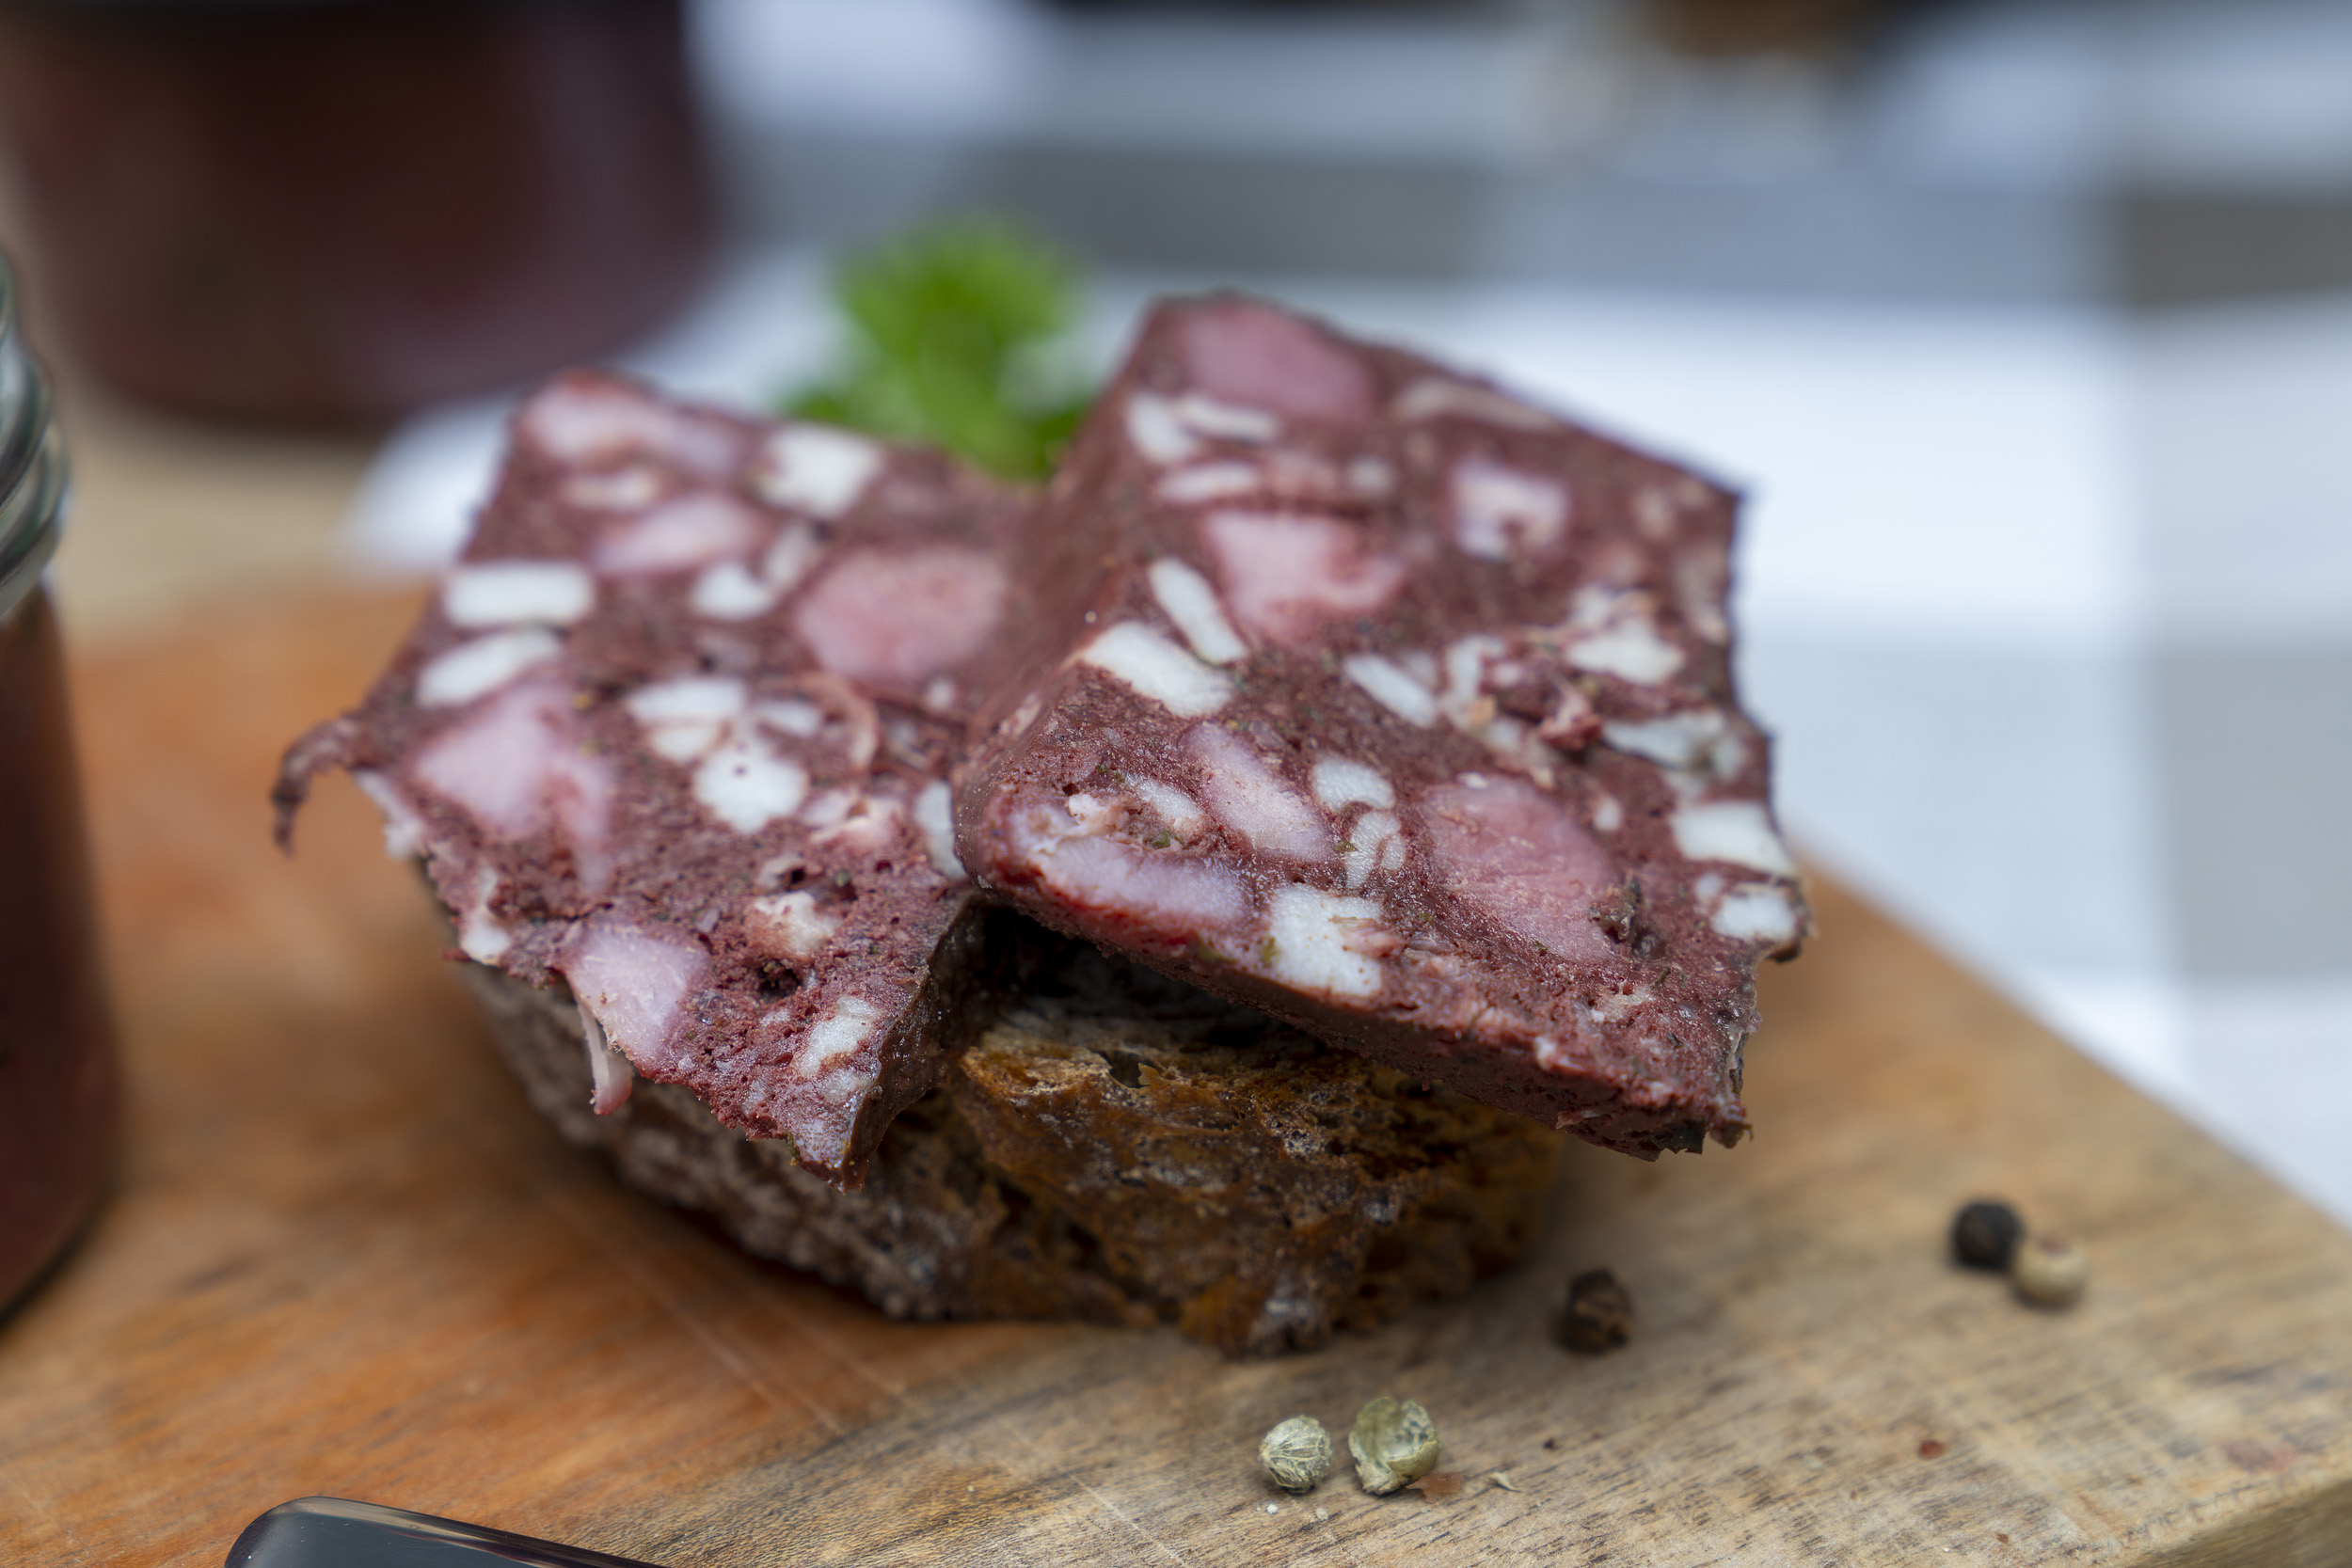 Auf einem Holzbrett steht ein Glas Rotwurst. Daneben eine Scheibe Brot mit Rotwurst Scheiben. Darum Gewürze. Hinten ein weiteres Glas Rotwurst.